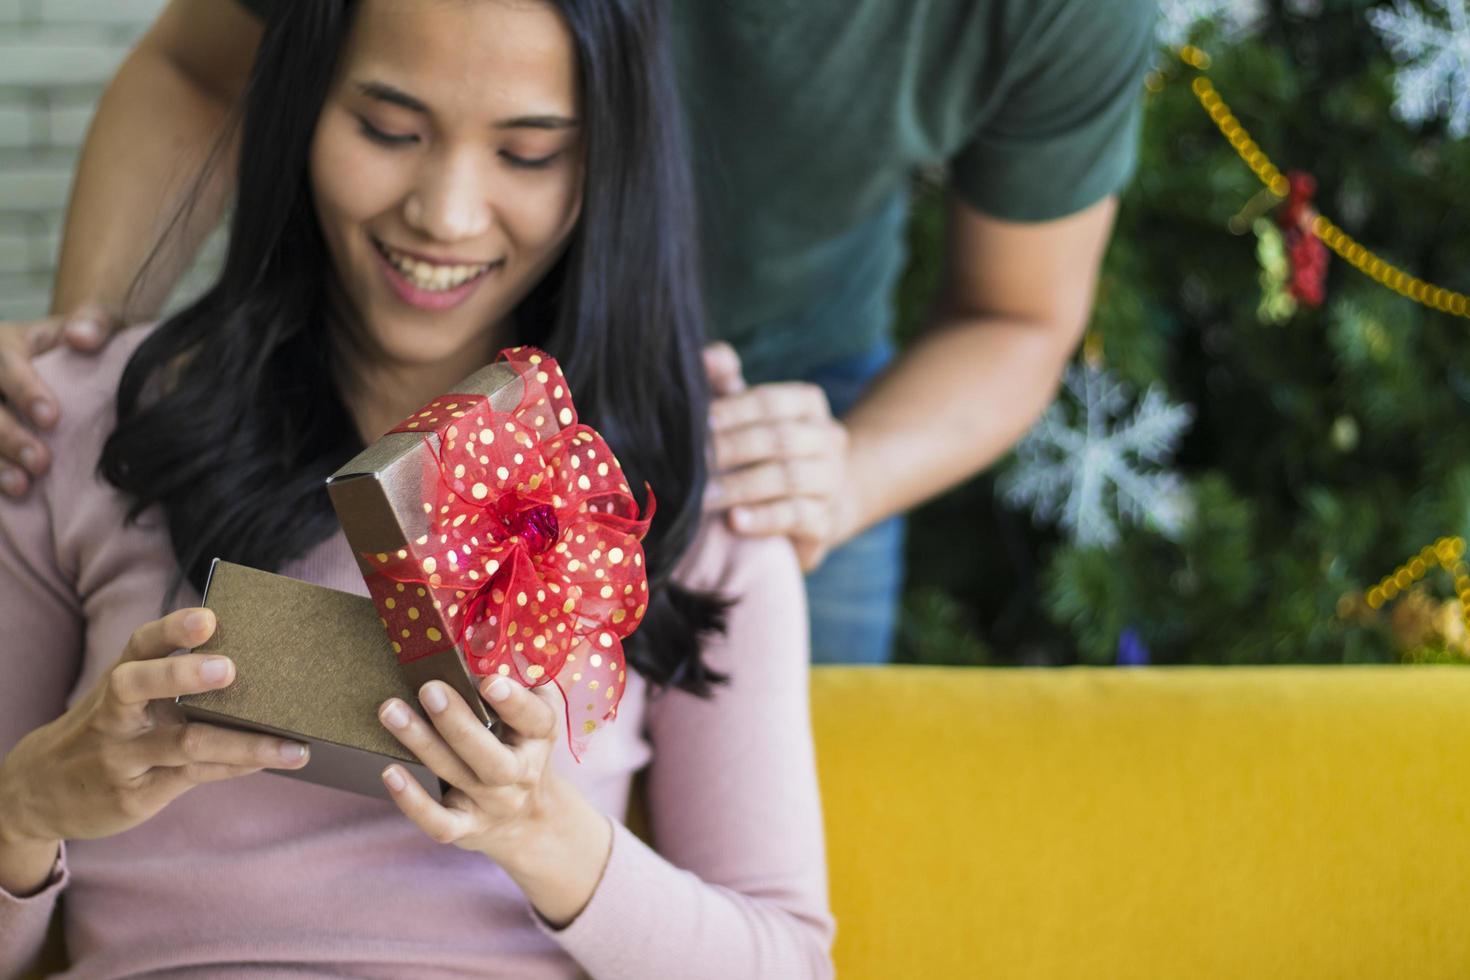 Frau erhält Weihnachtsgeschenk foto